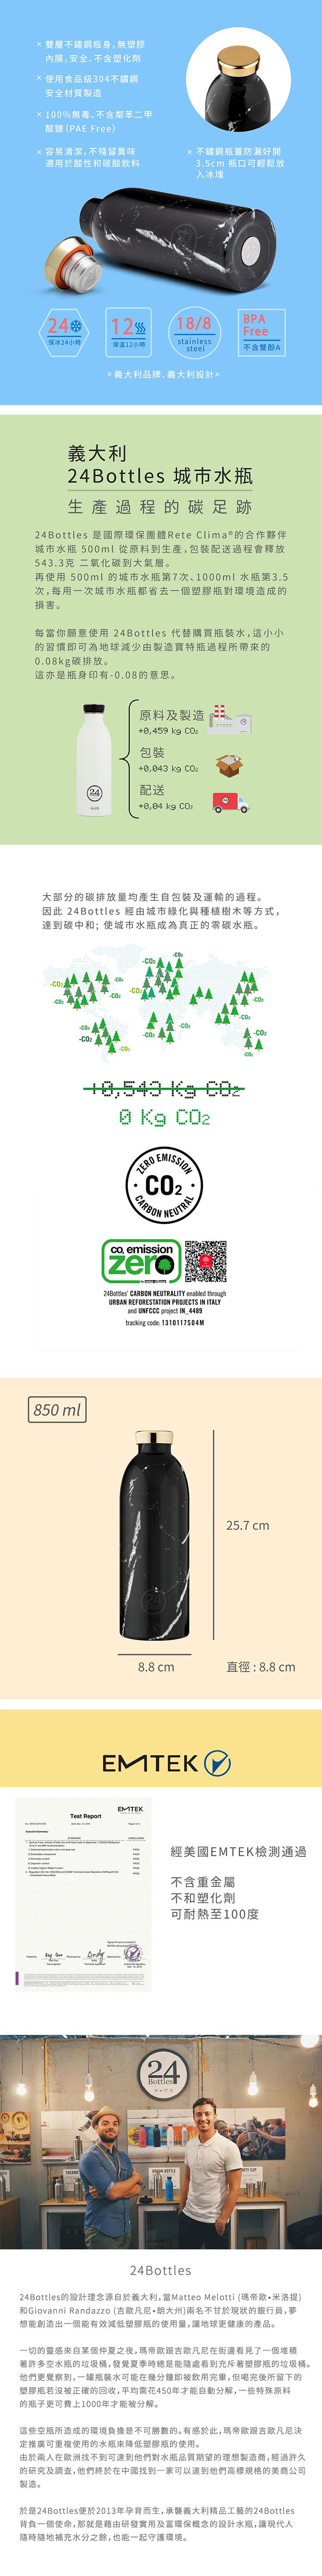 義大利 24Bottles 不鏽鋼雙層保溫瓶 850ml